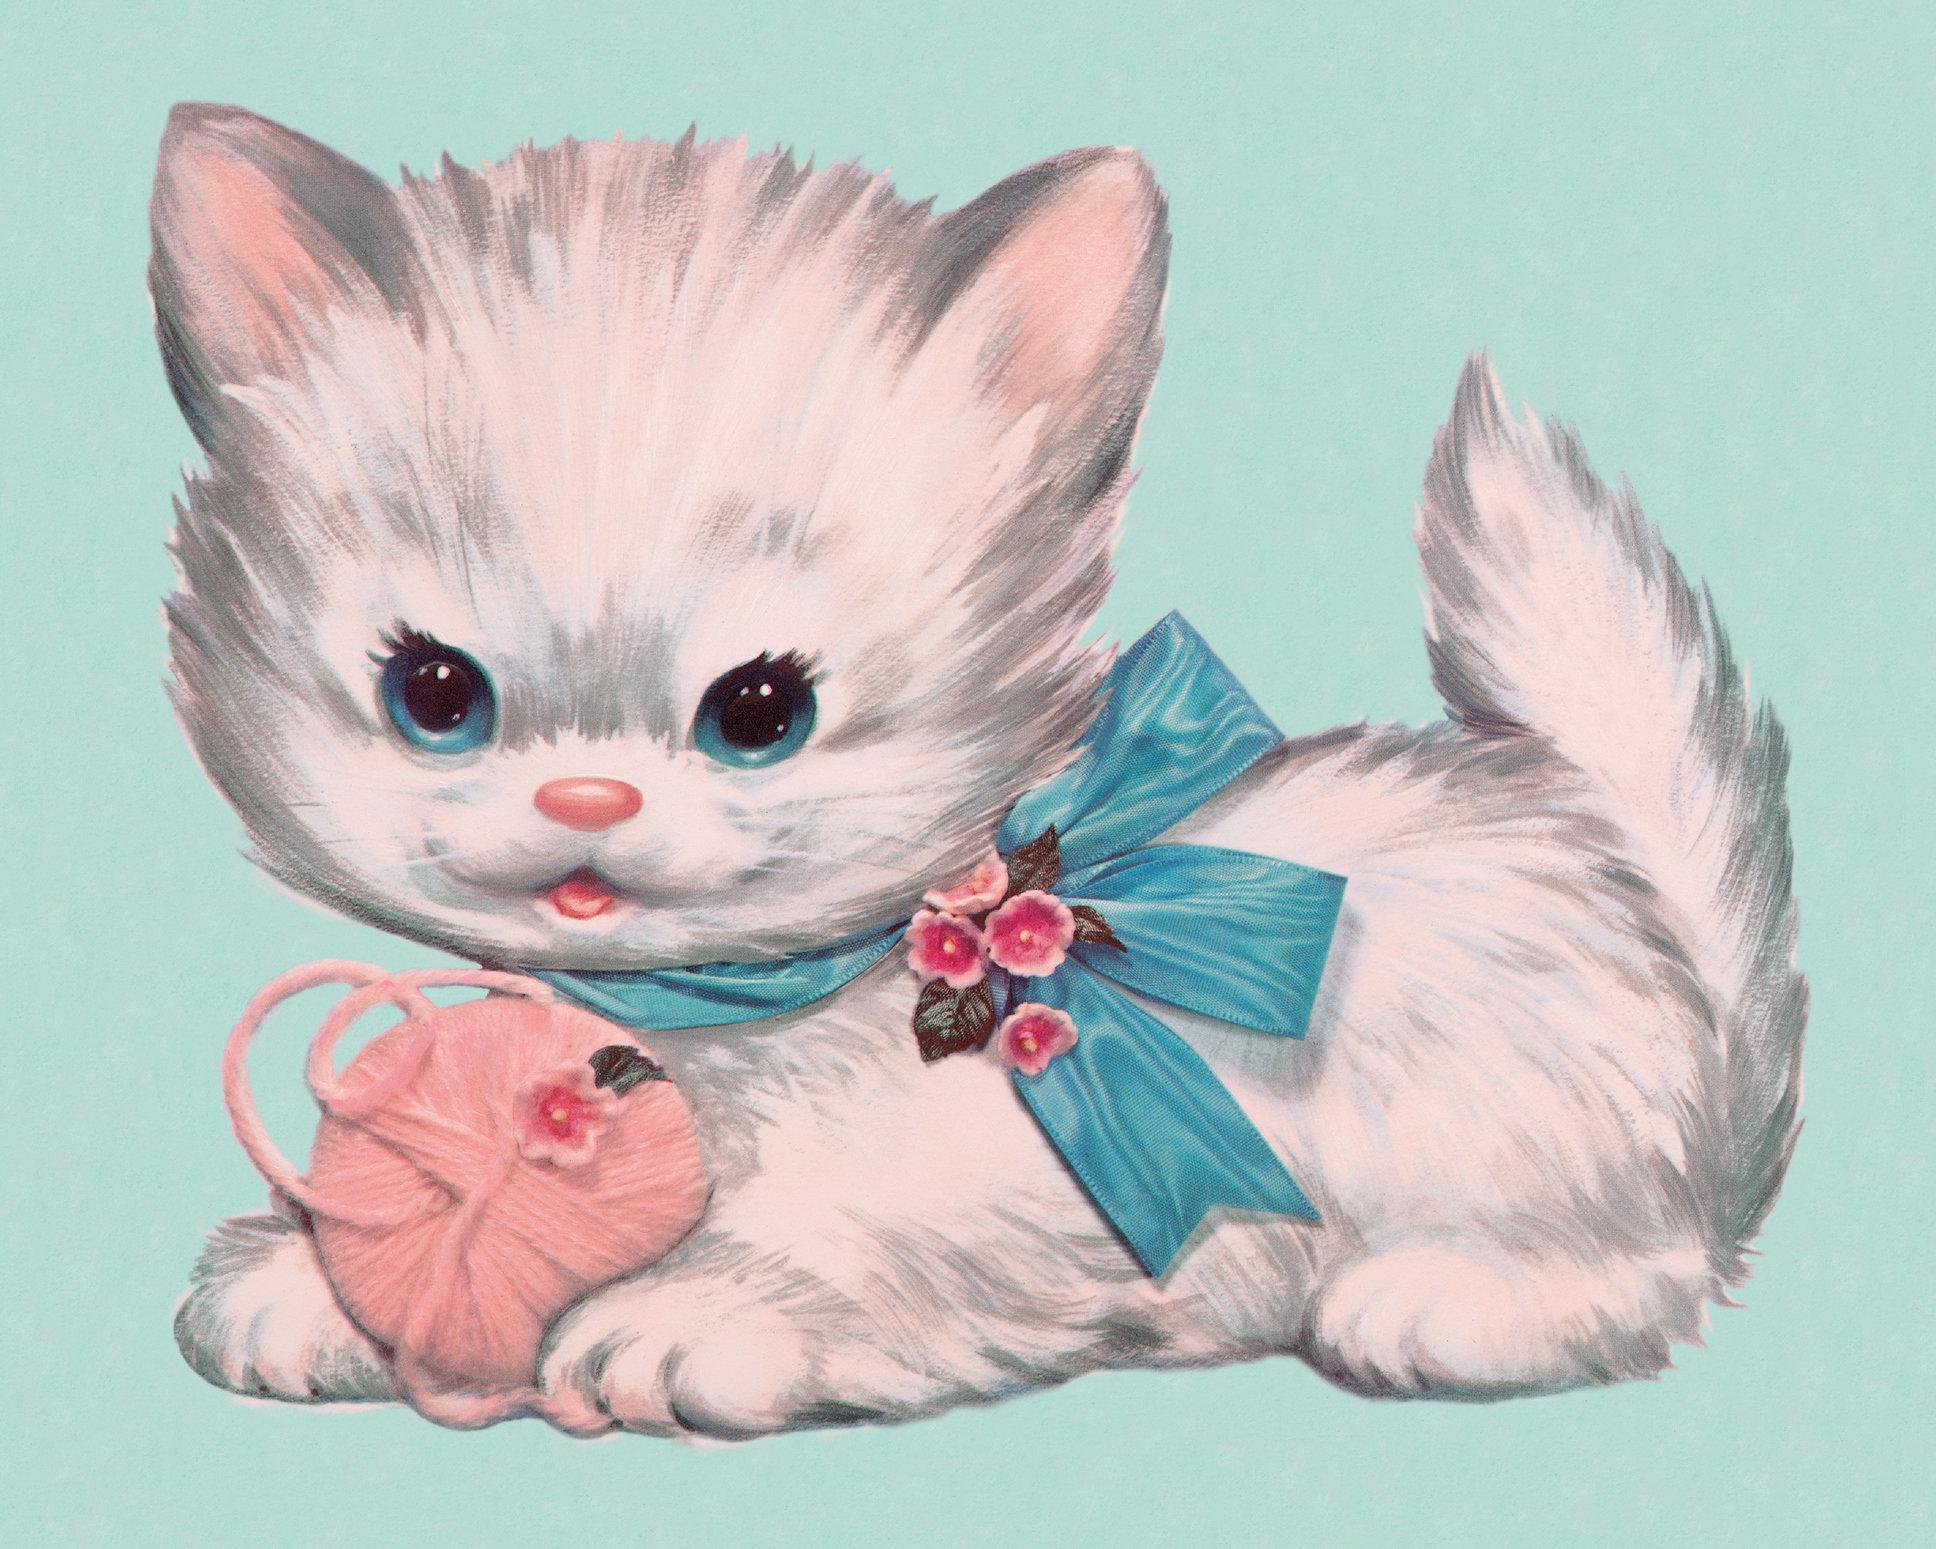 Boob Cat Cat Feline Gay Kitten Man Man